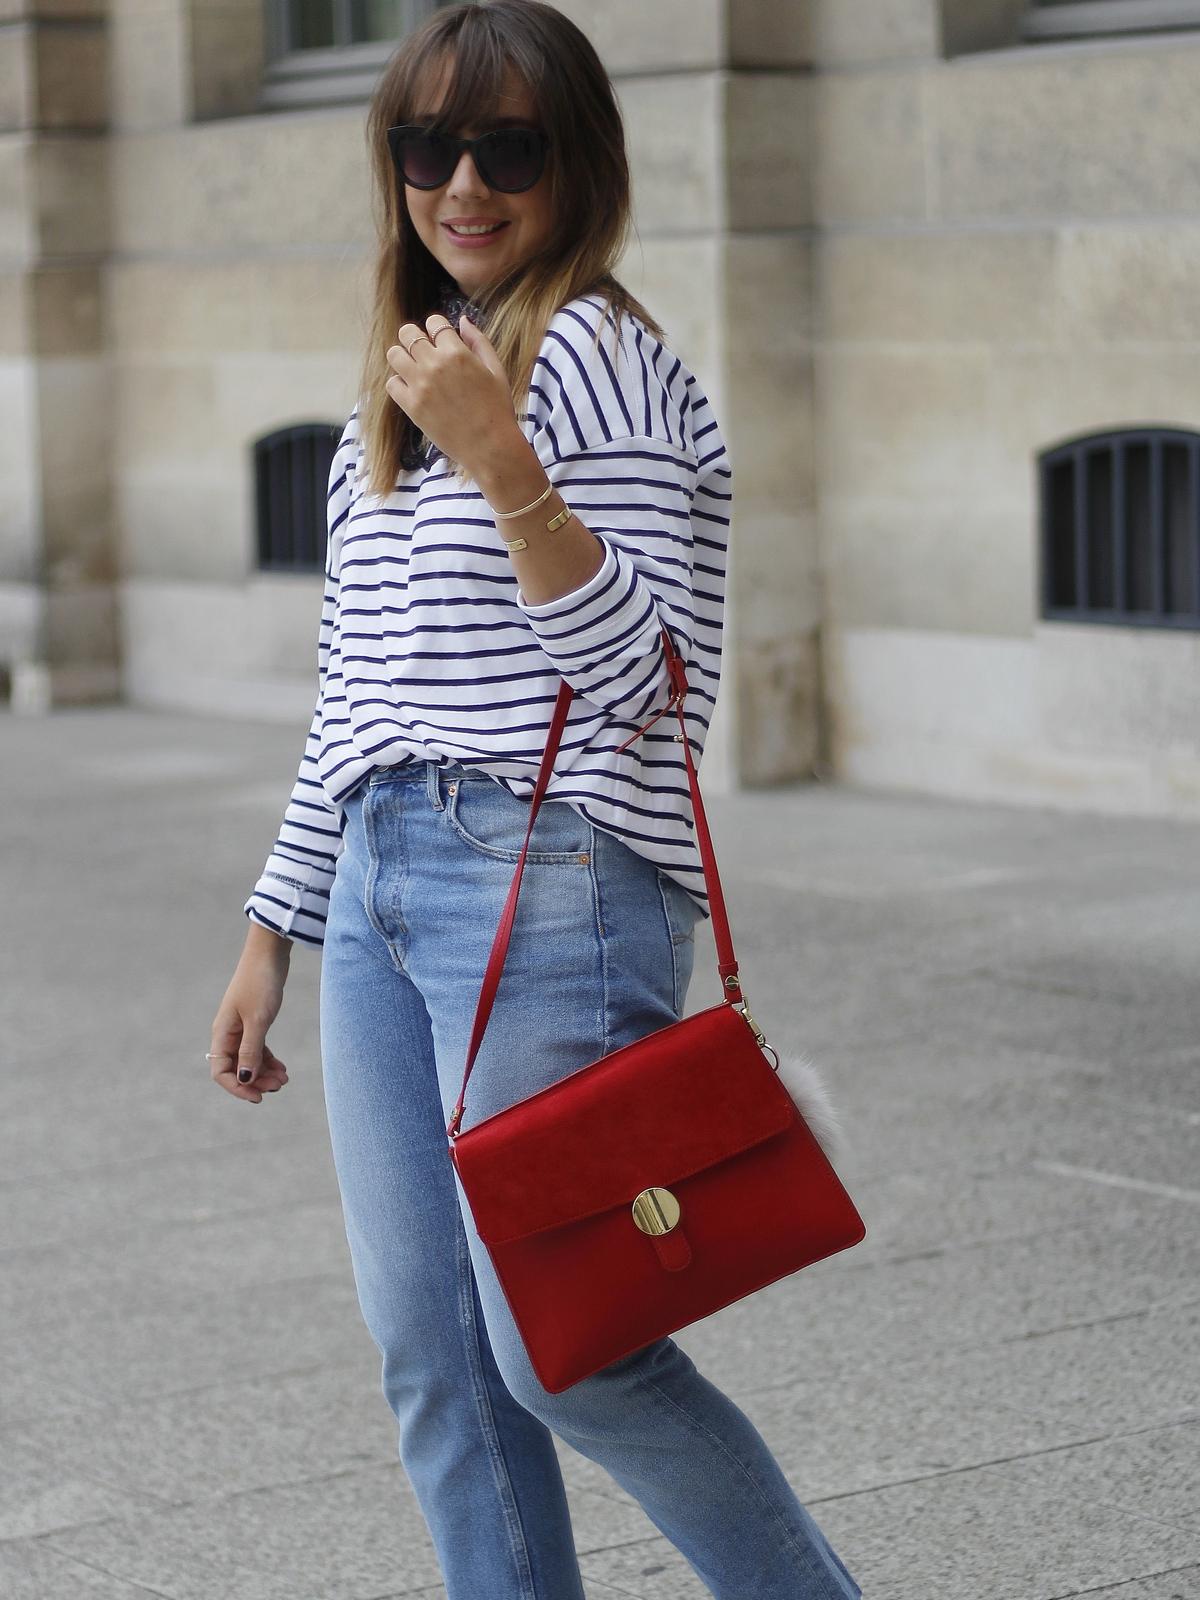 outfit - basiques mode - marinière - jean - sac rouge - parisienne